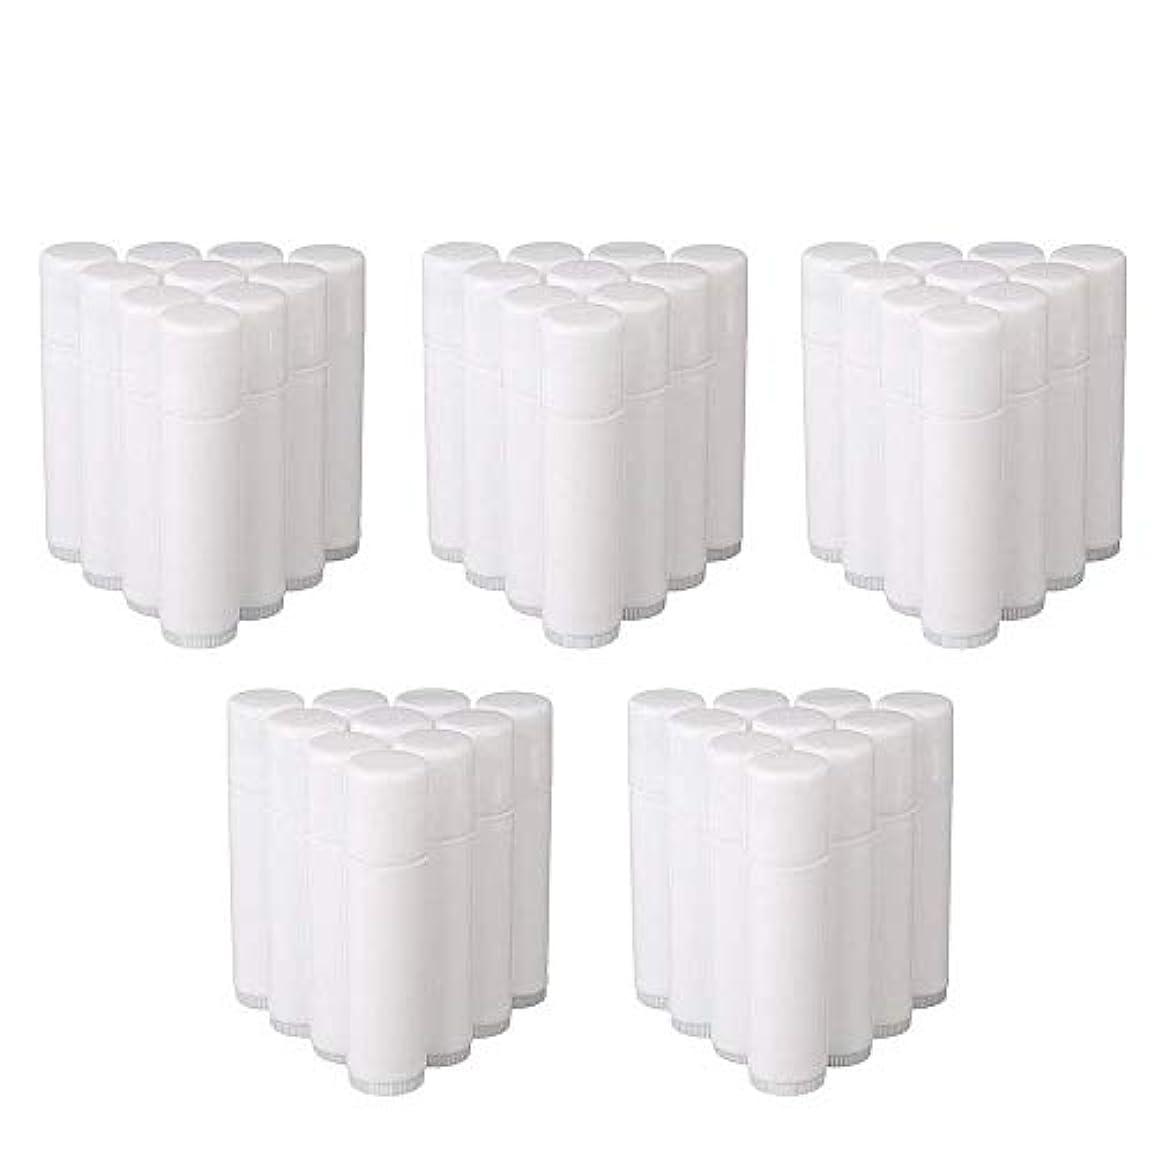 資格情報世代知り合いになるCOOLBOTANG リップバームチューブ リップクリーム 繰り出し ホワイト 手作りコスメ 手作り化粧品/リップクリーム 50個 5g ミニ 詰め替え容器